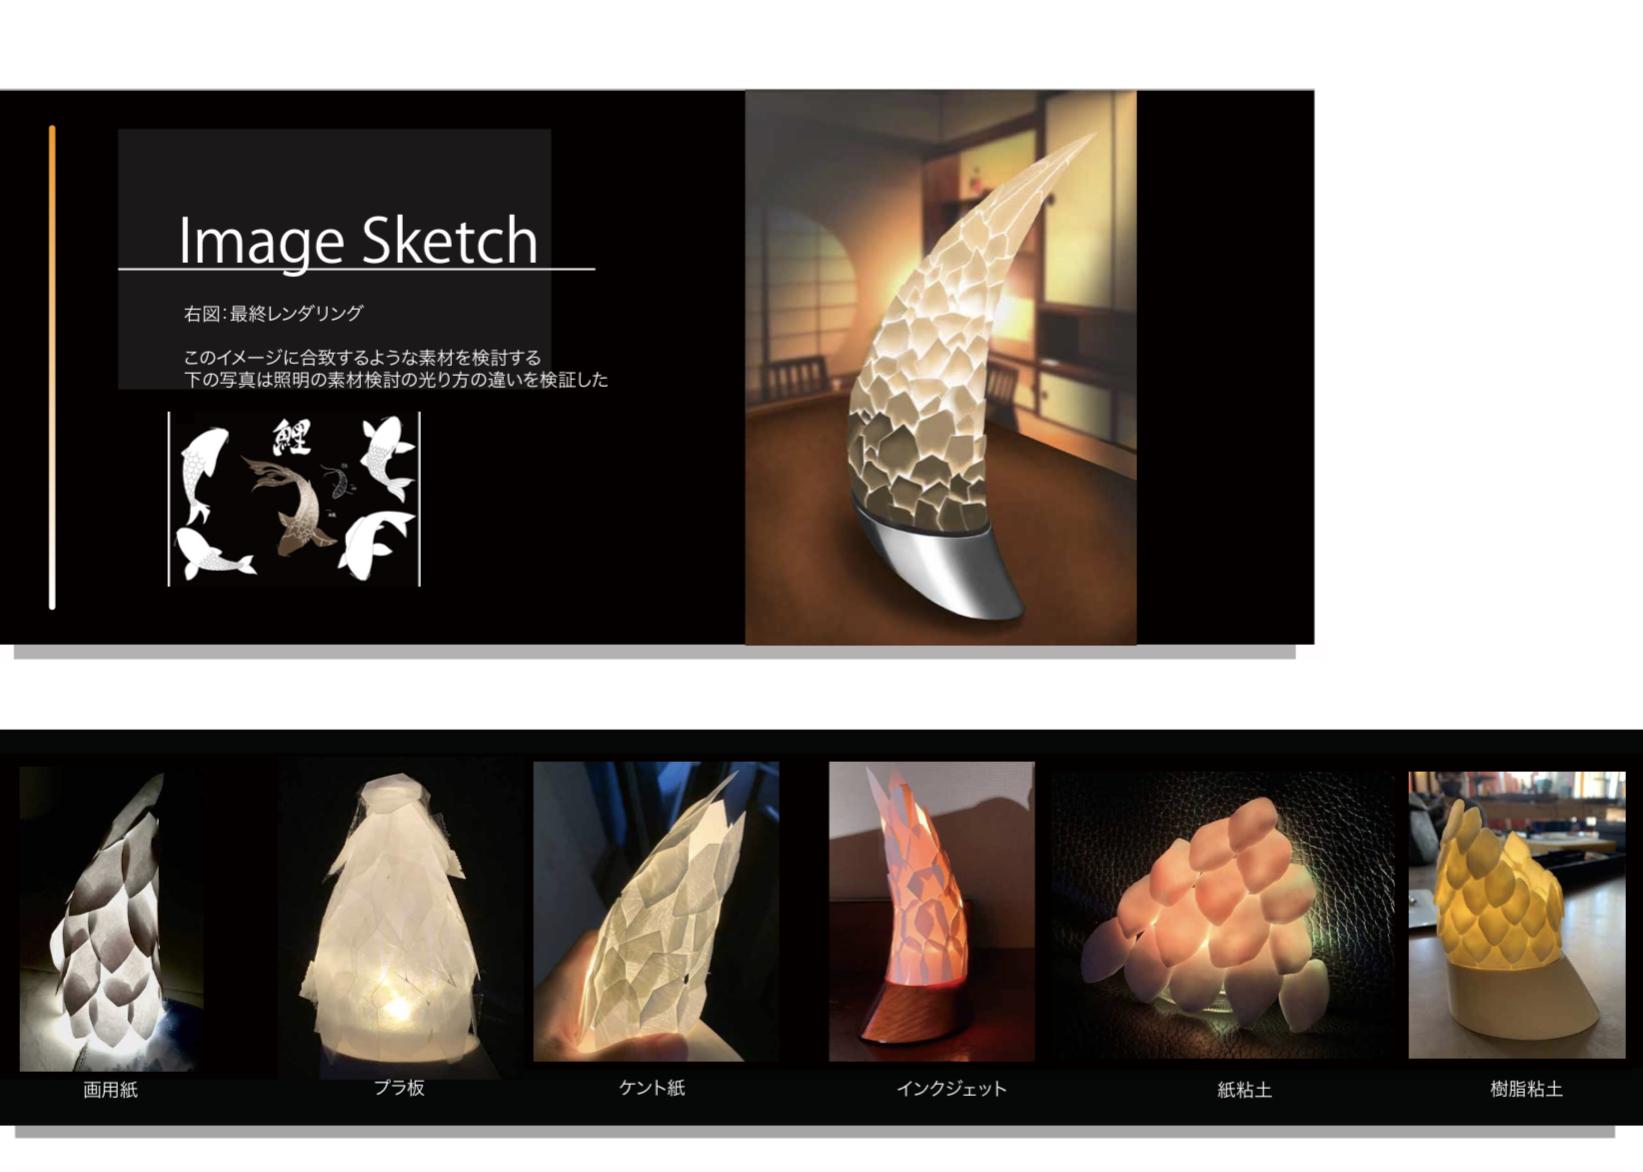 鯉の鱗をモチーフにした照明デザインです。このイメージに合うようにウロコ部分の素材を様々な材料で検討しました。